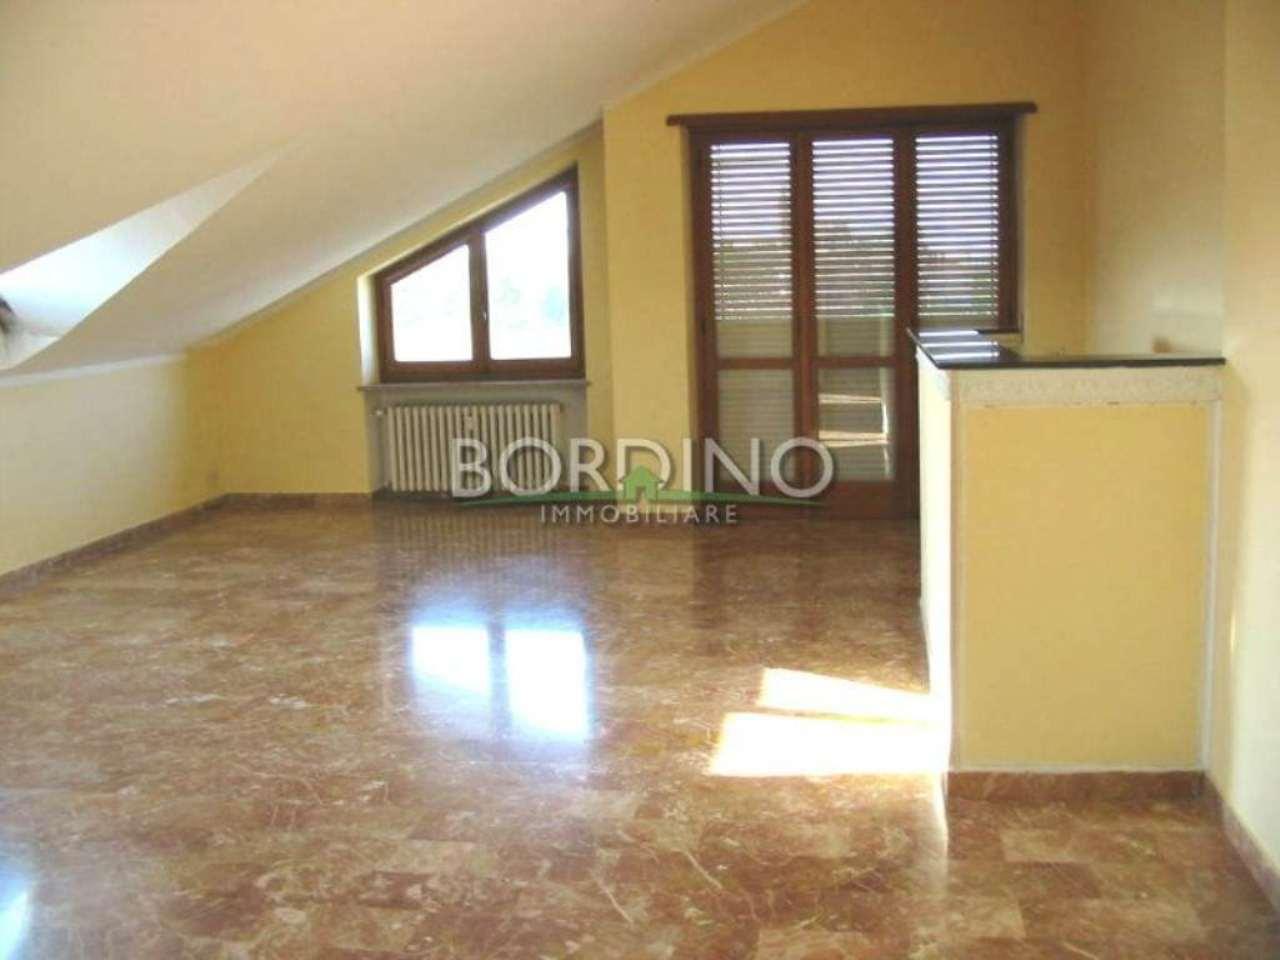 Attico / Mansarda in affitto a Priocca, 4 locali, prezzo € 325 | CambioCasa.it